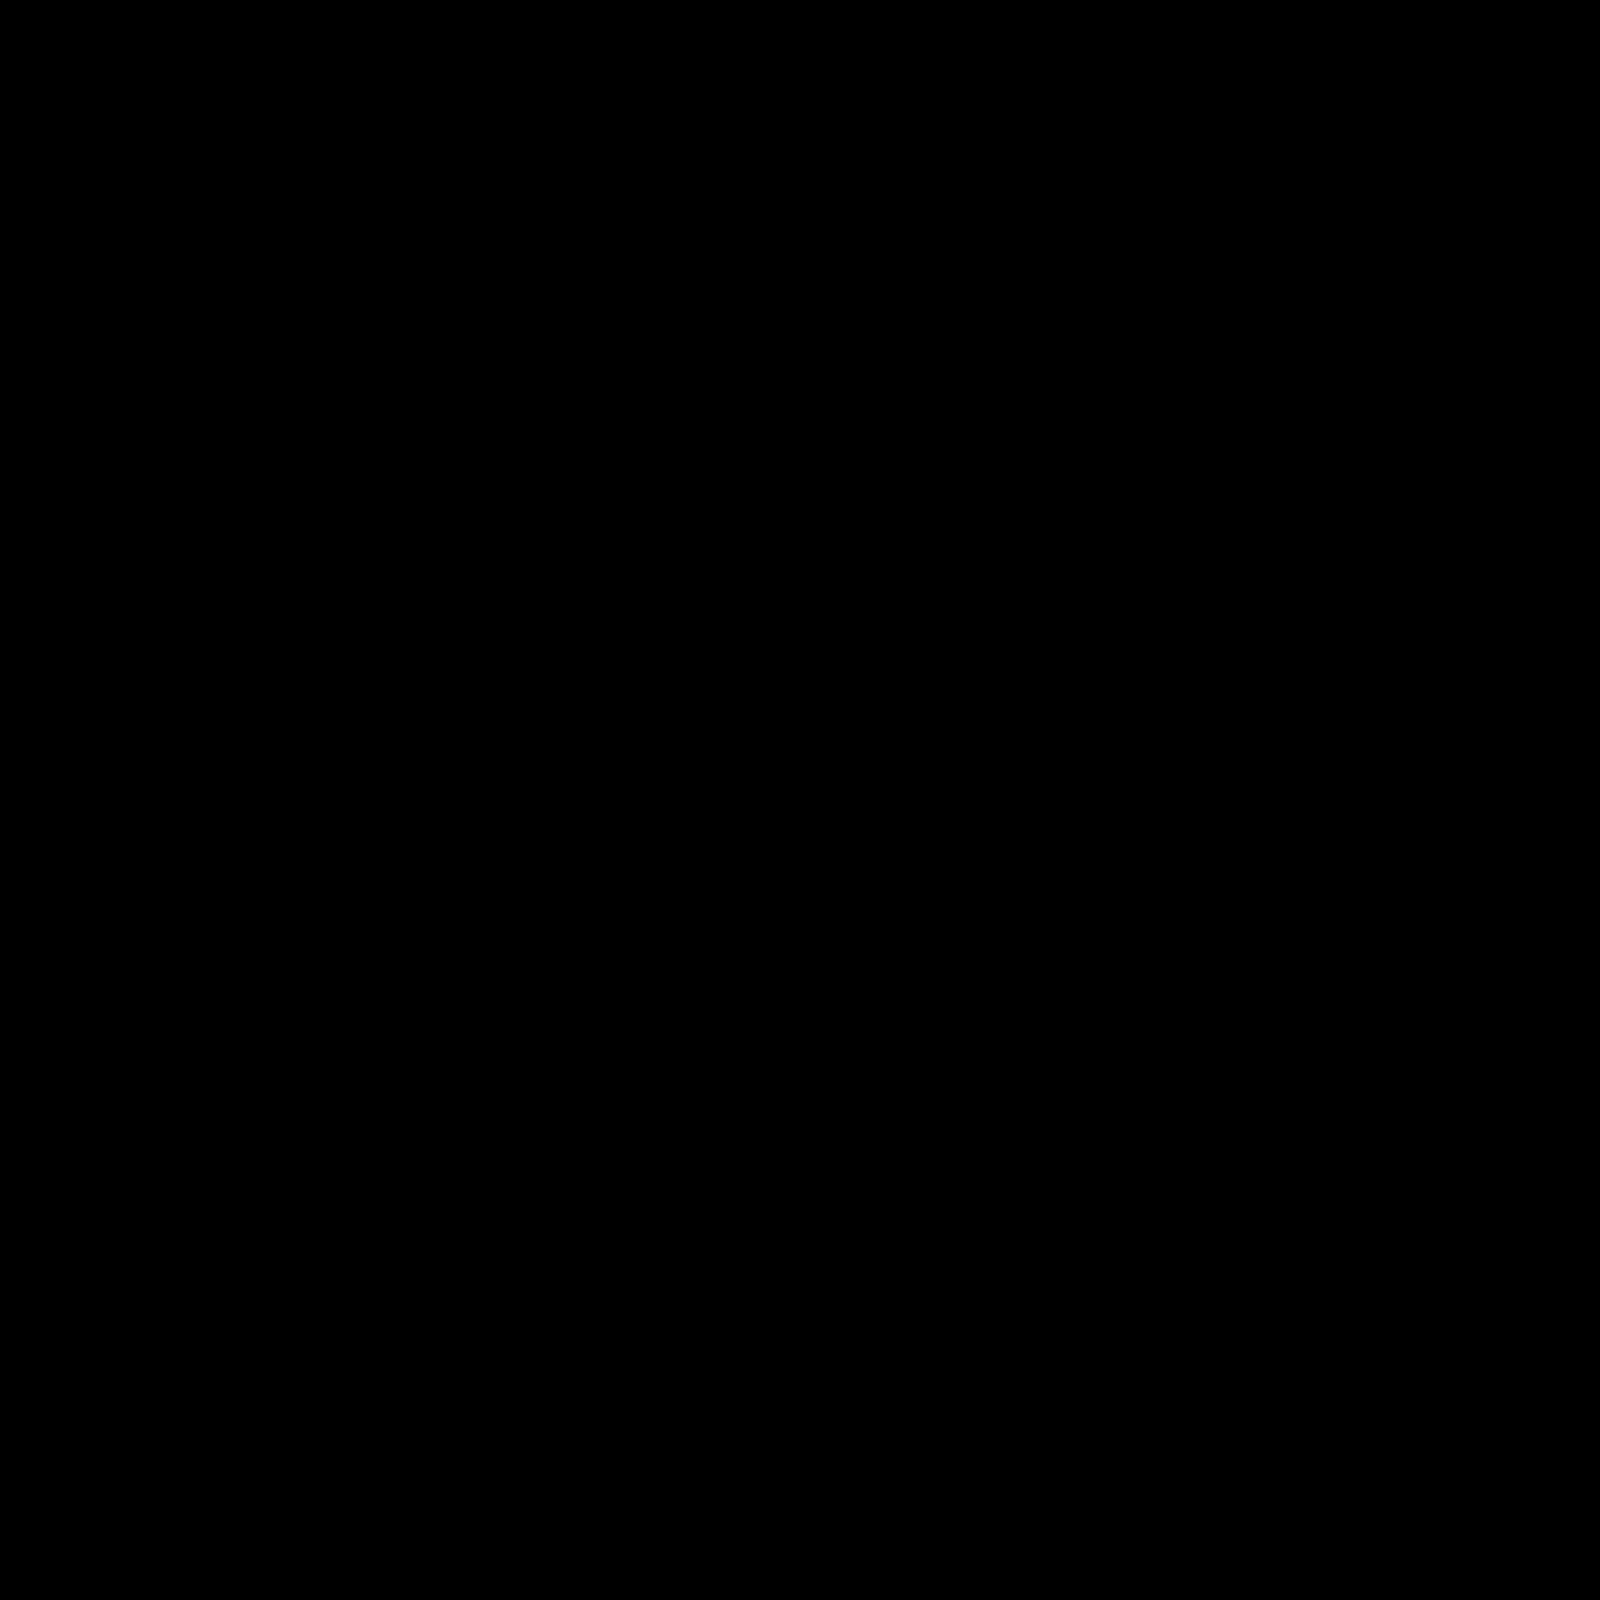 Pagamento on-line icon